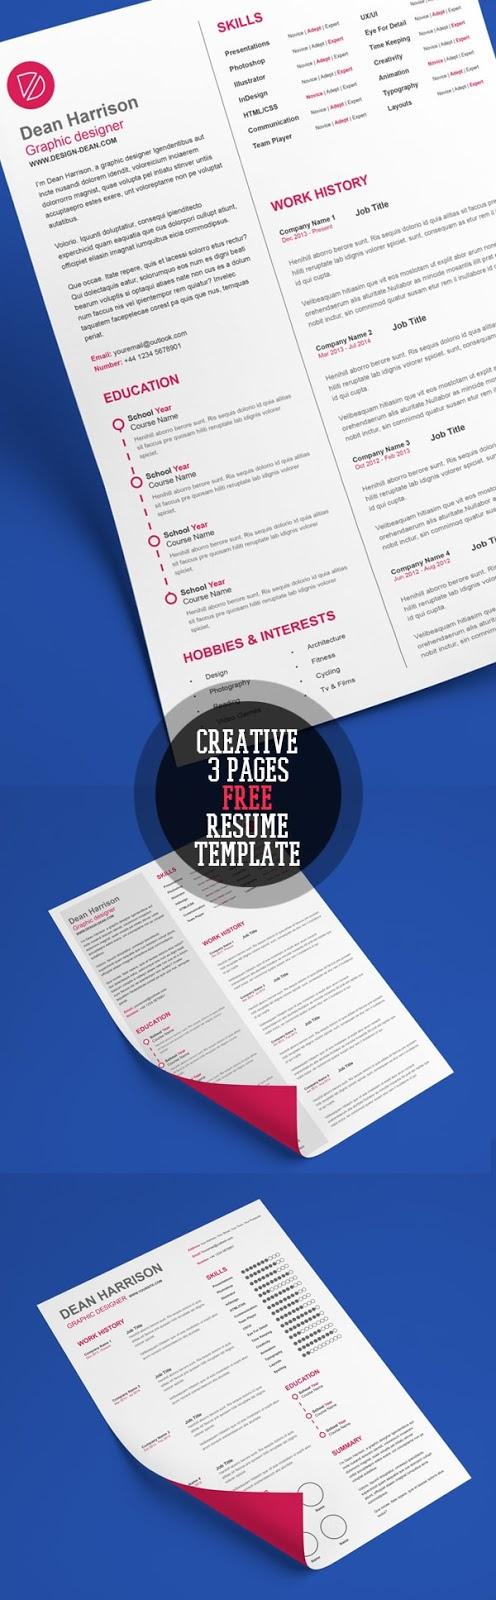 Template Resume / CV Terbaru dan Terbaik 2017 - Creative A4 Free CV/Resume Template